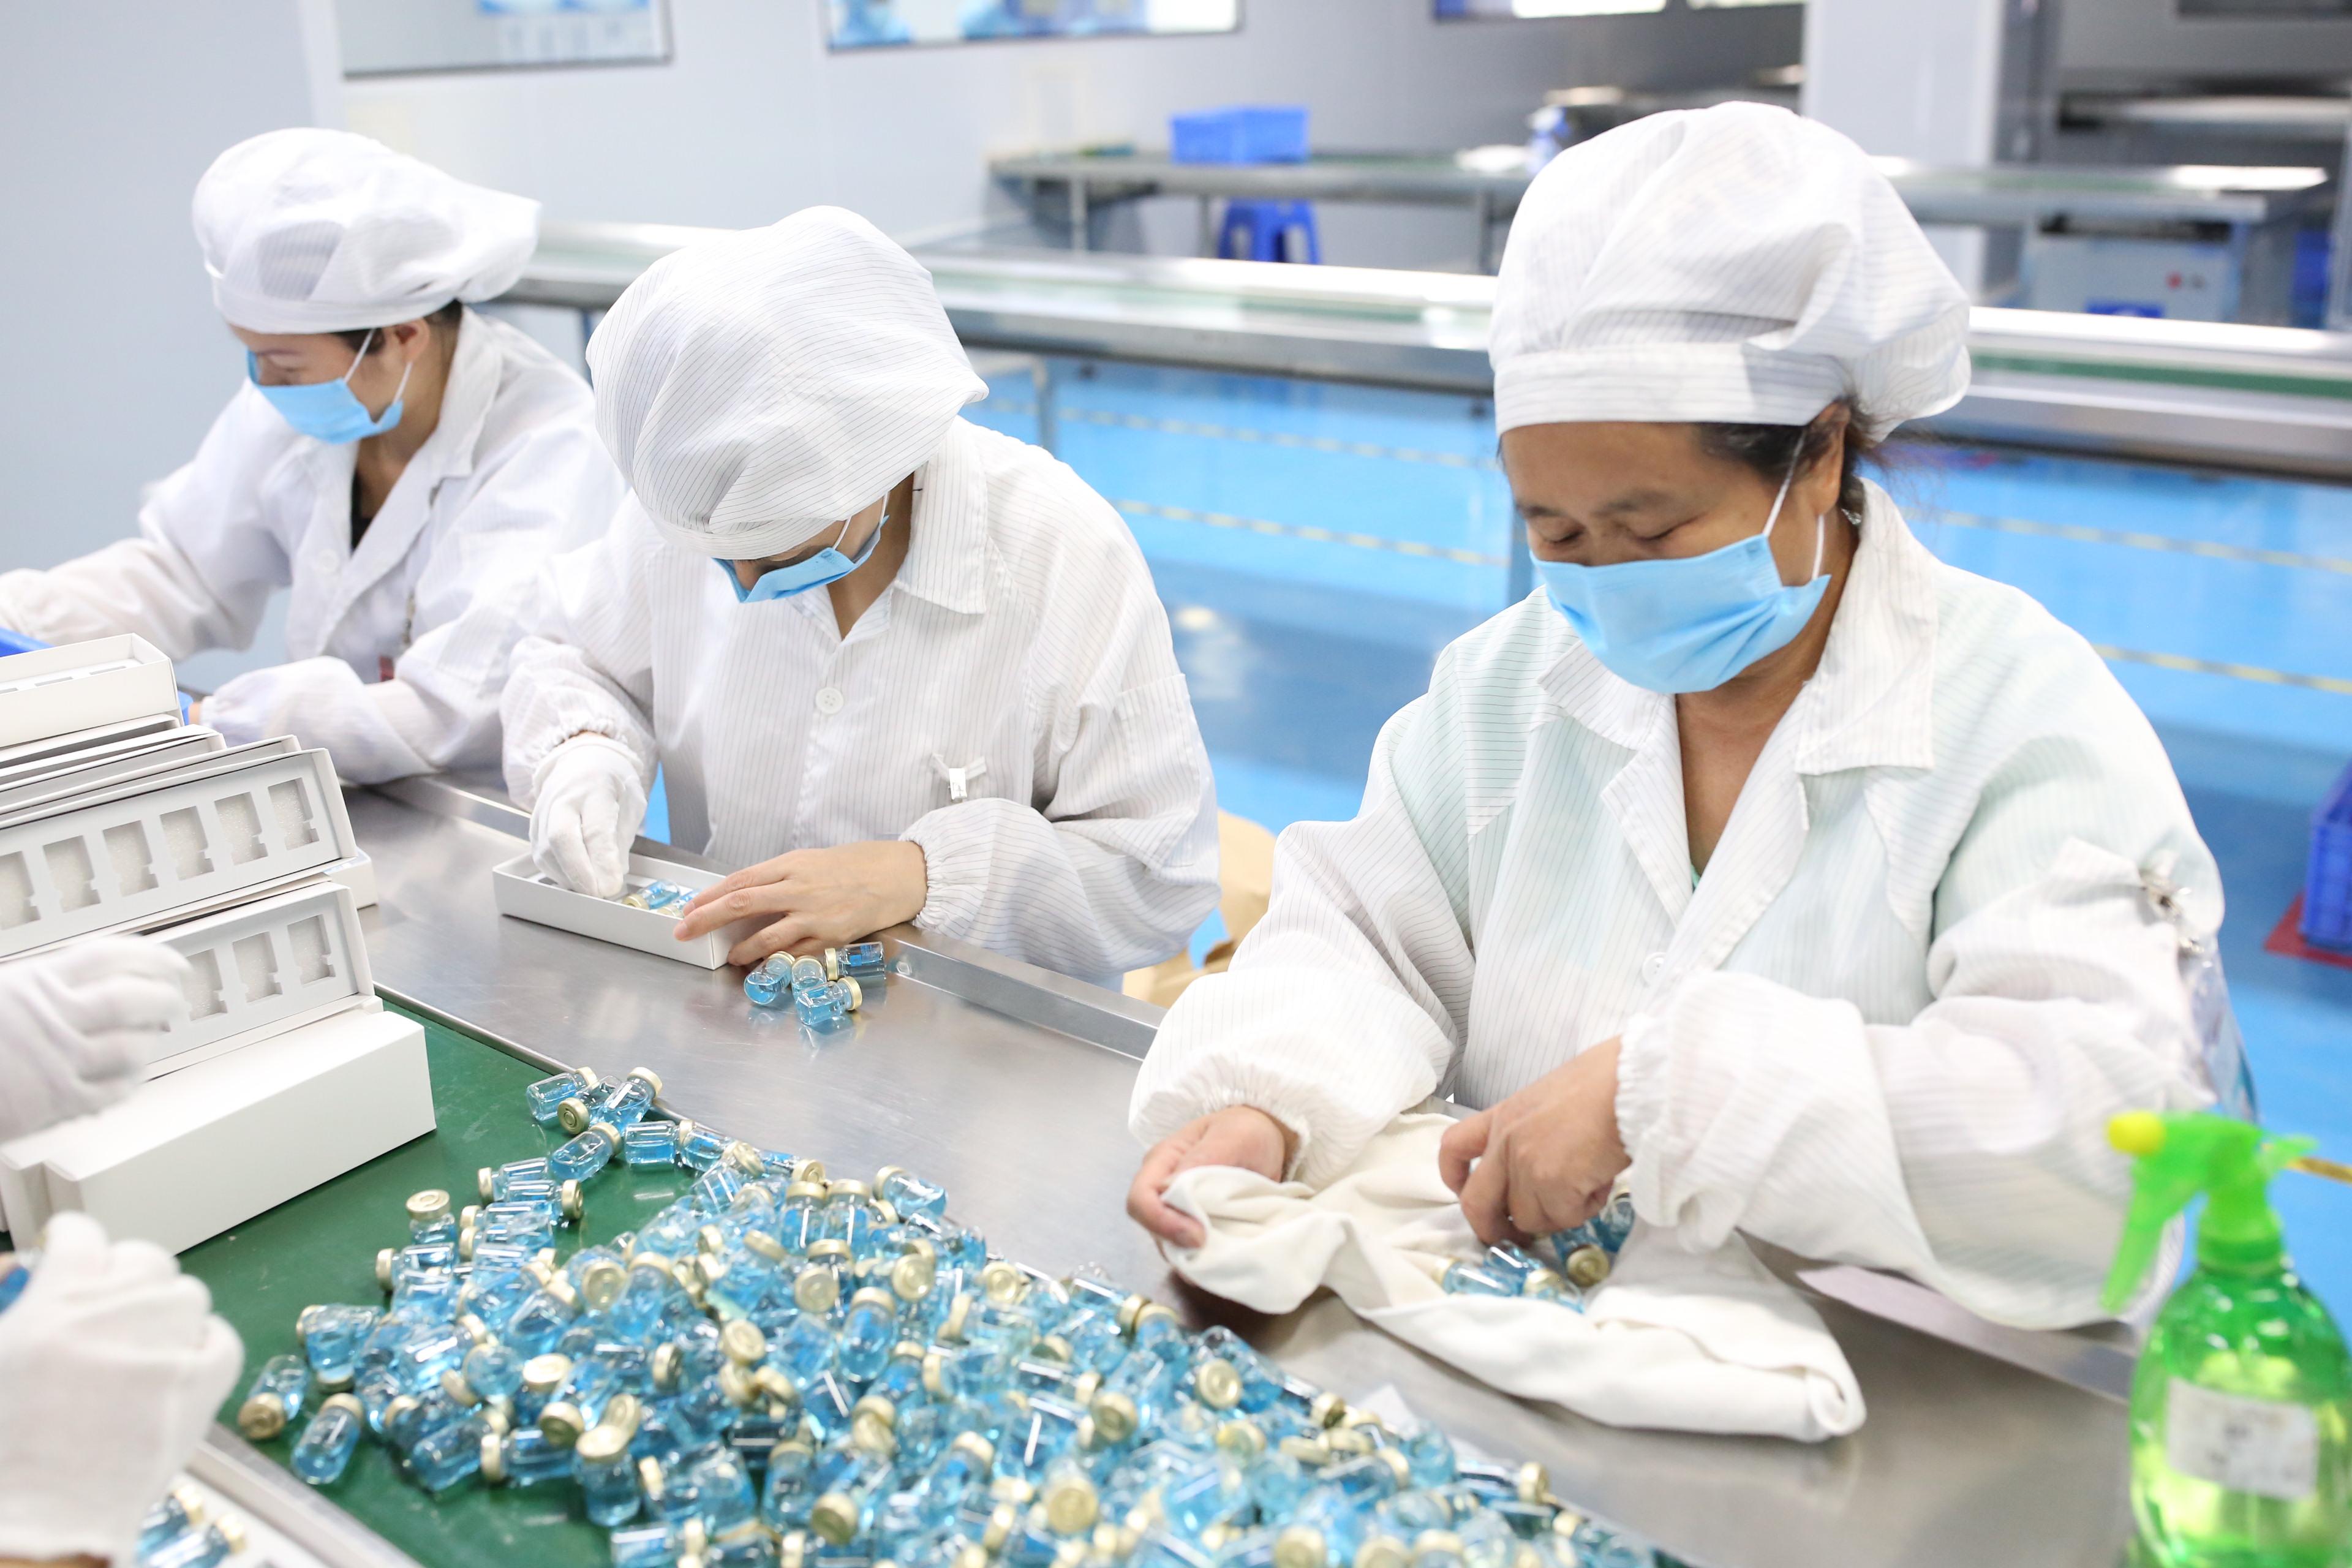 胶原蛋白肽面膜生产厂家